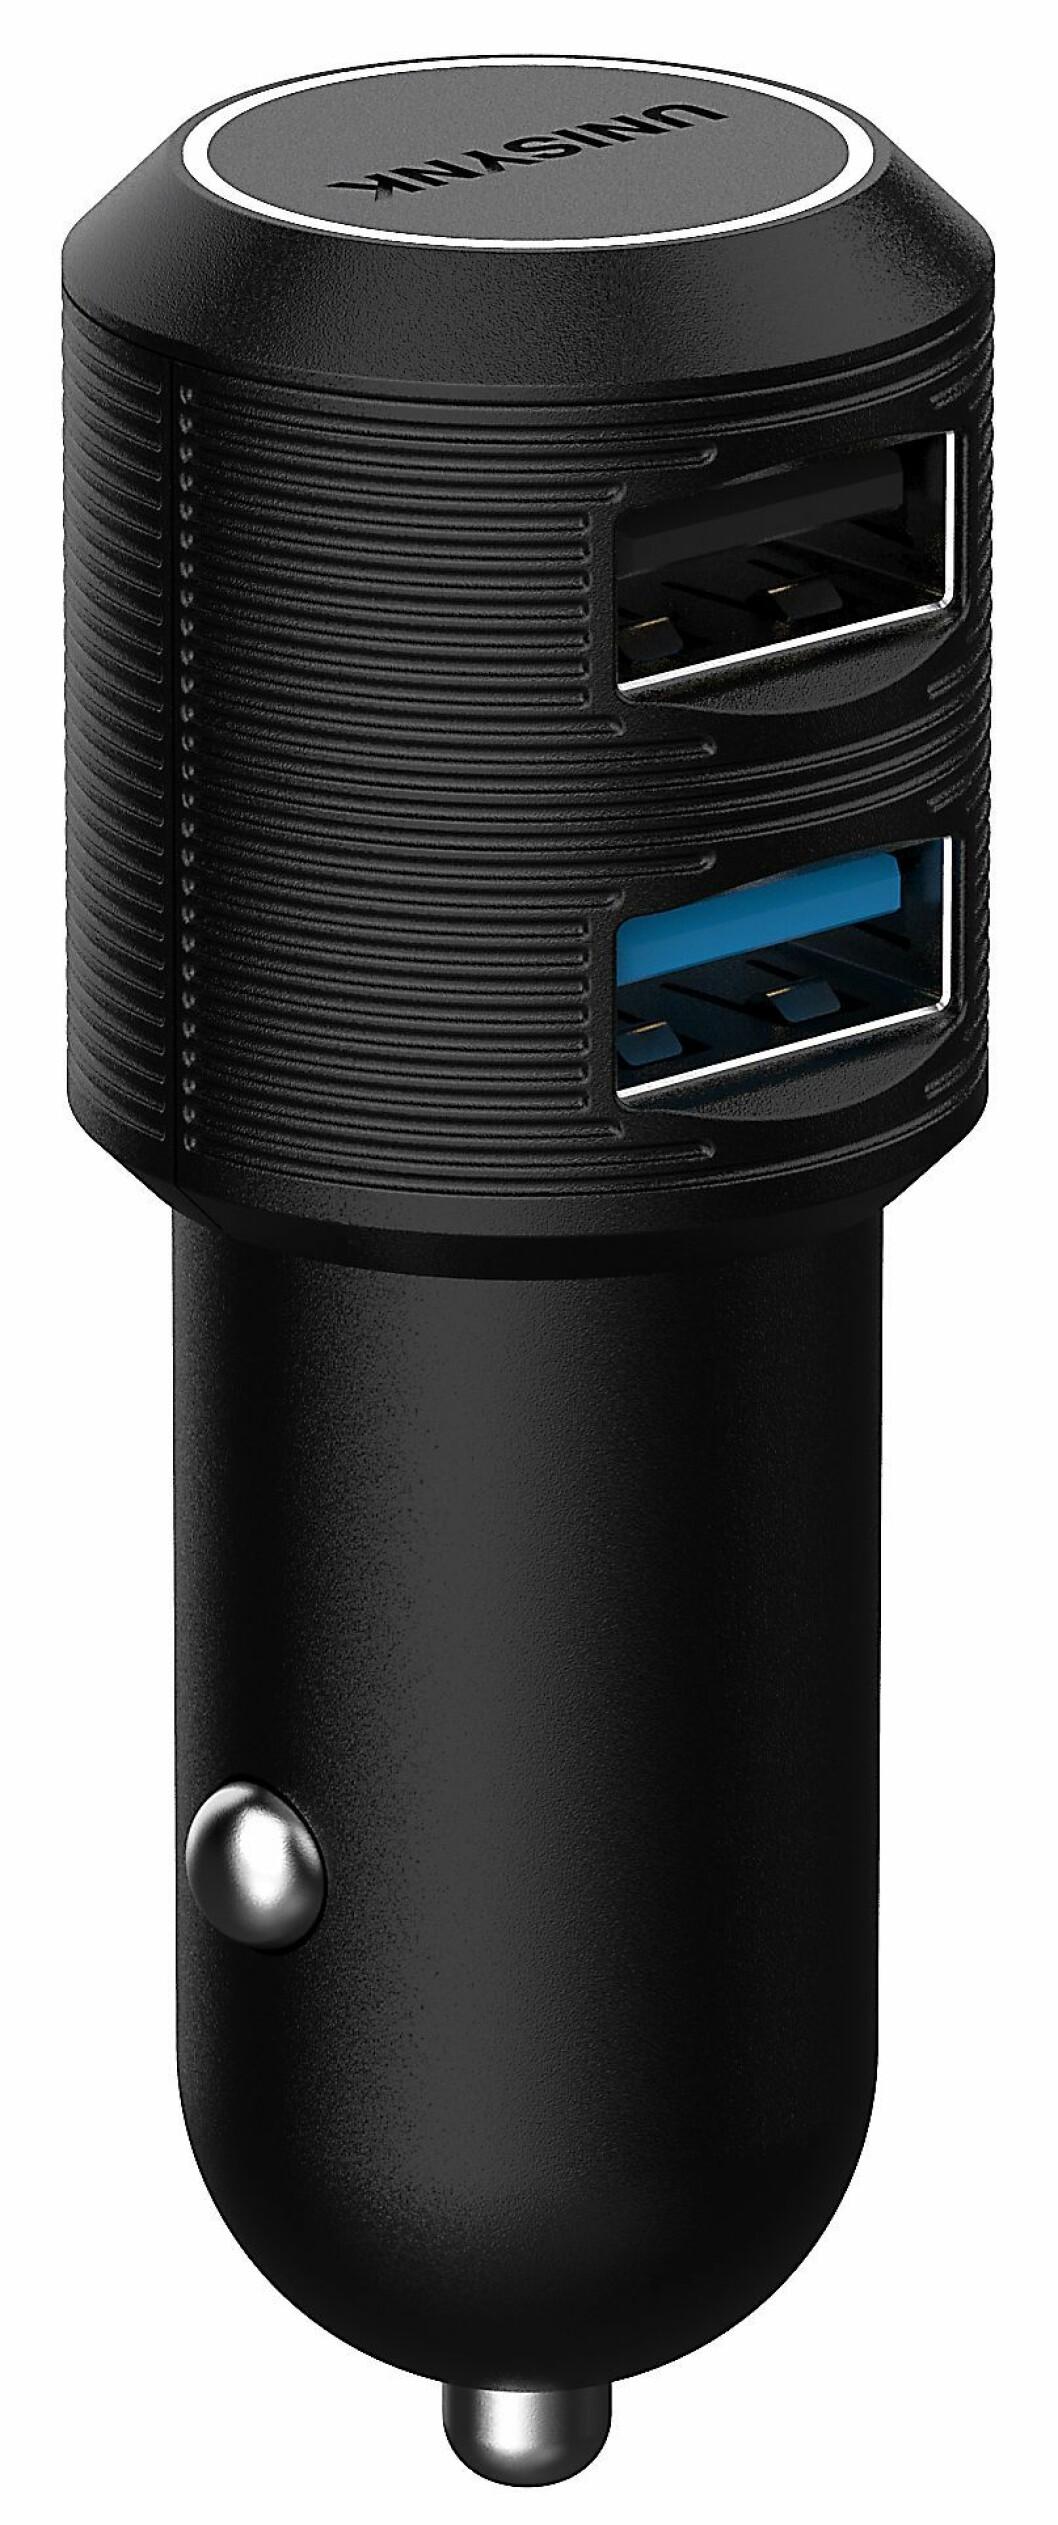 Unisynk dual USB billader QC3/2.4A. Pris: 280,-.